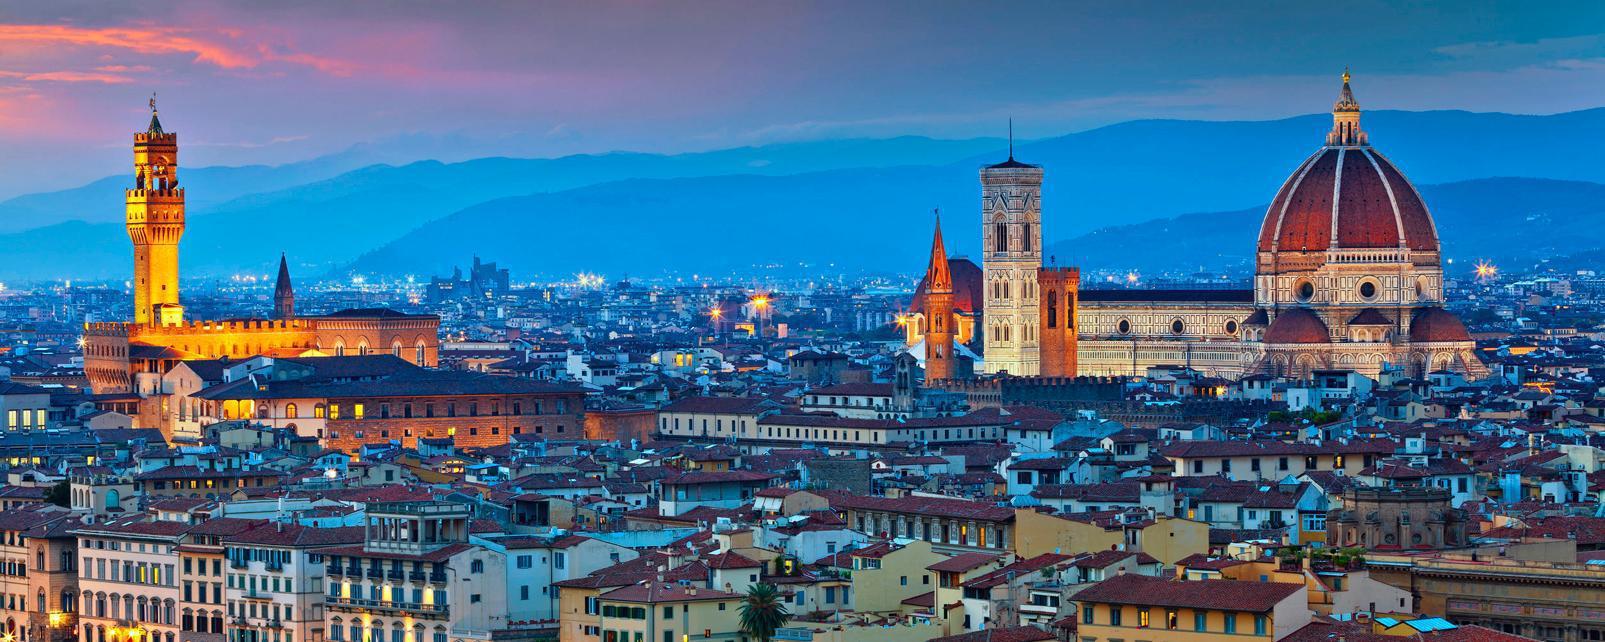 Europe, Italie, Toscane, Florence, ville, maison, bâtiment, église, montagne, architecture, fleuve,